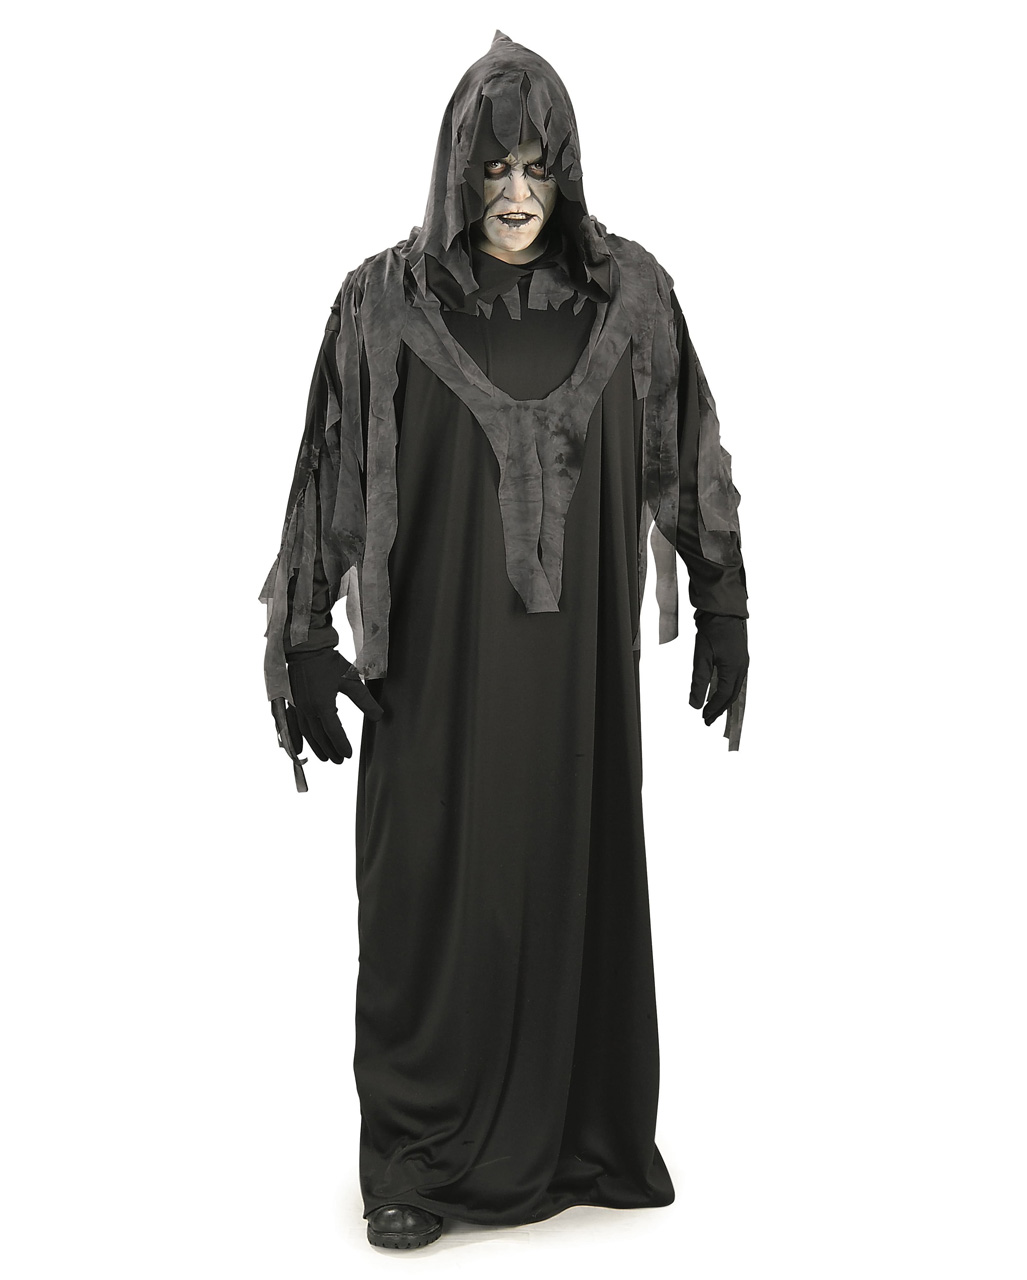 Zombie Doctor Walking Dead Undead Ghost Fancy Dress Halloween Adult Costume